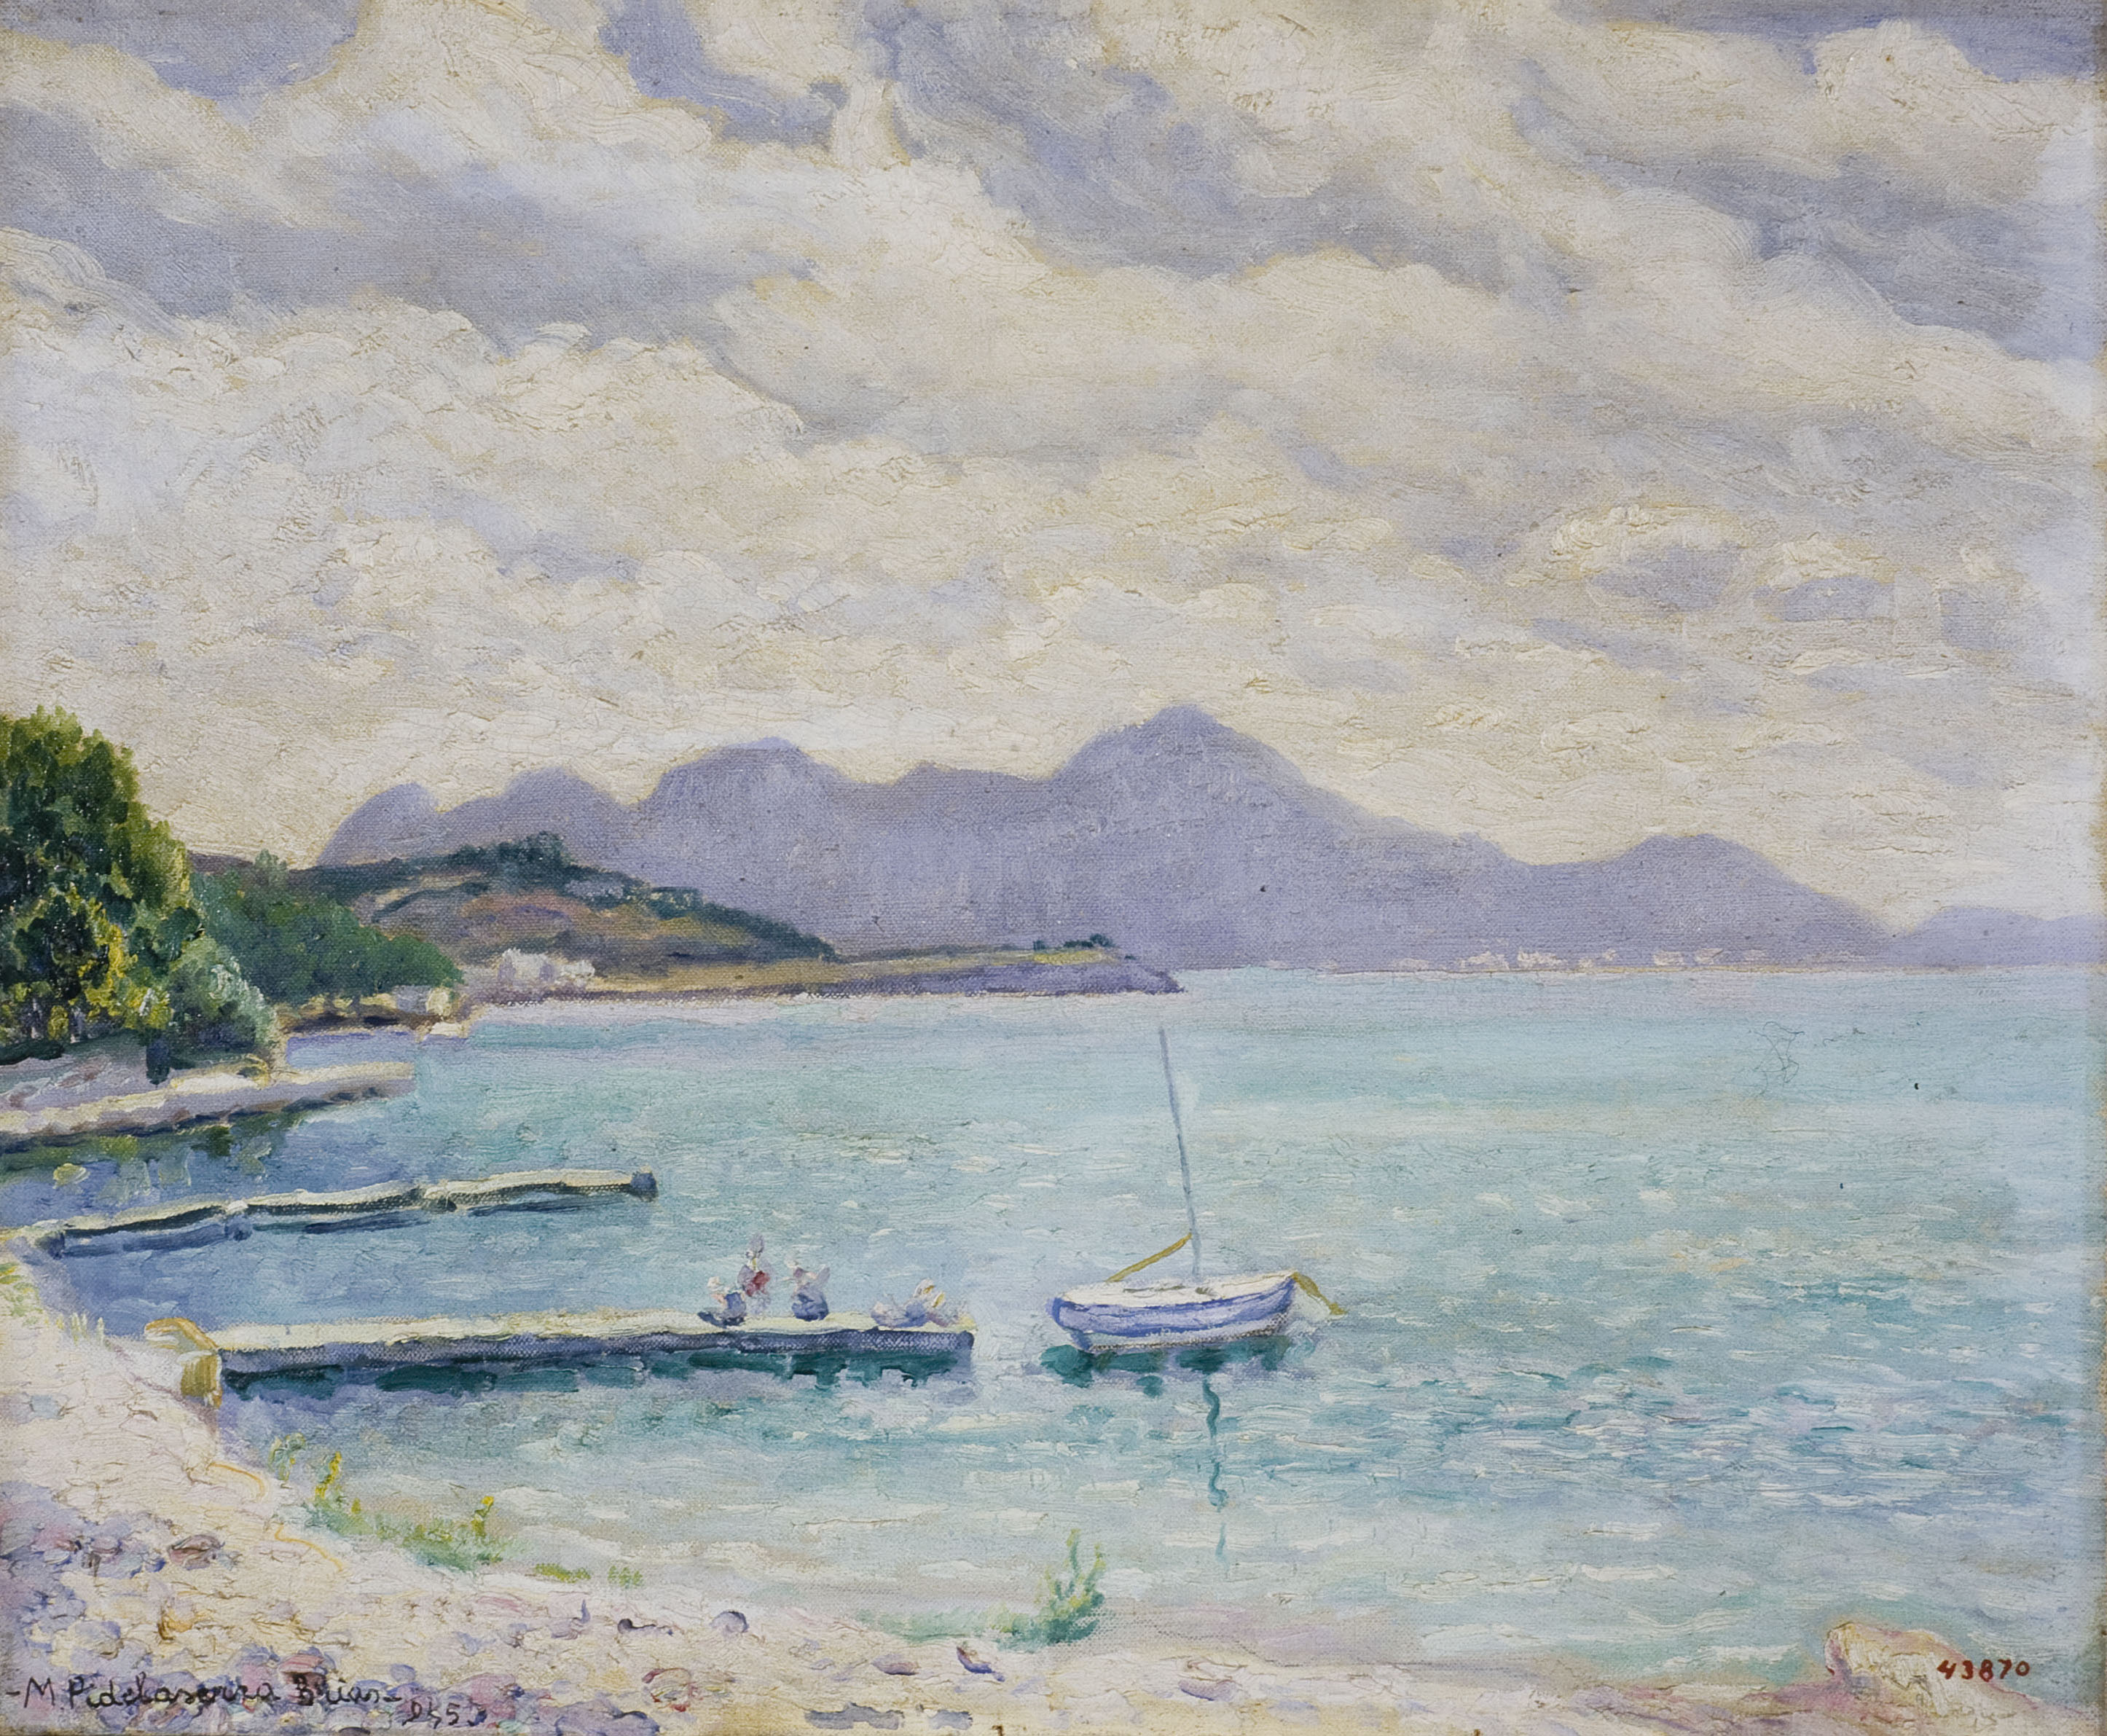 Marià Pidelaserra - Majorca. Port of Pollensa - 1945